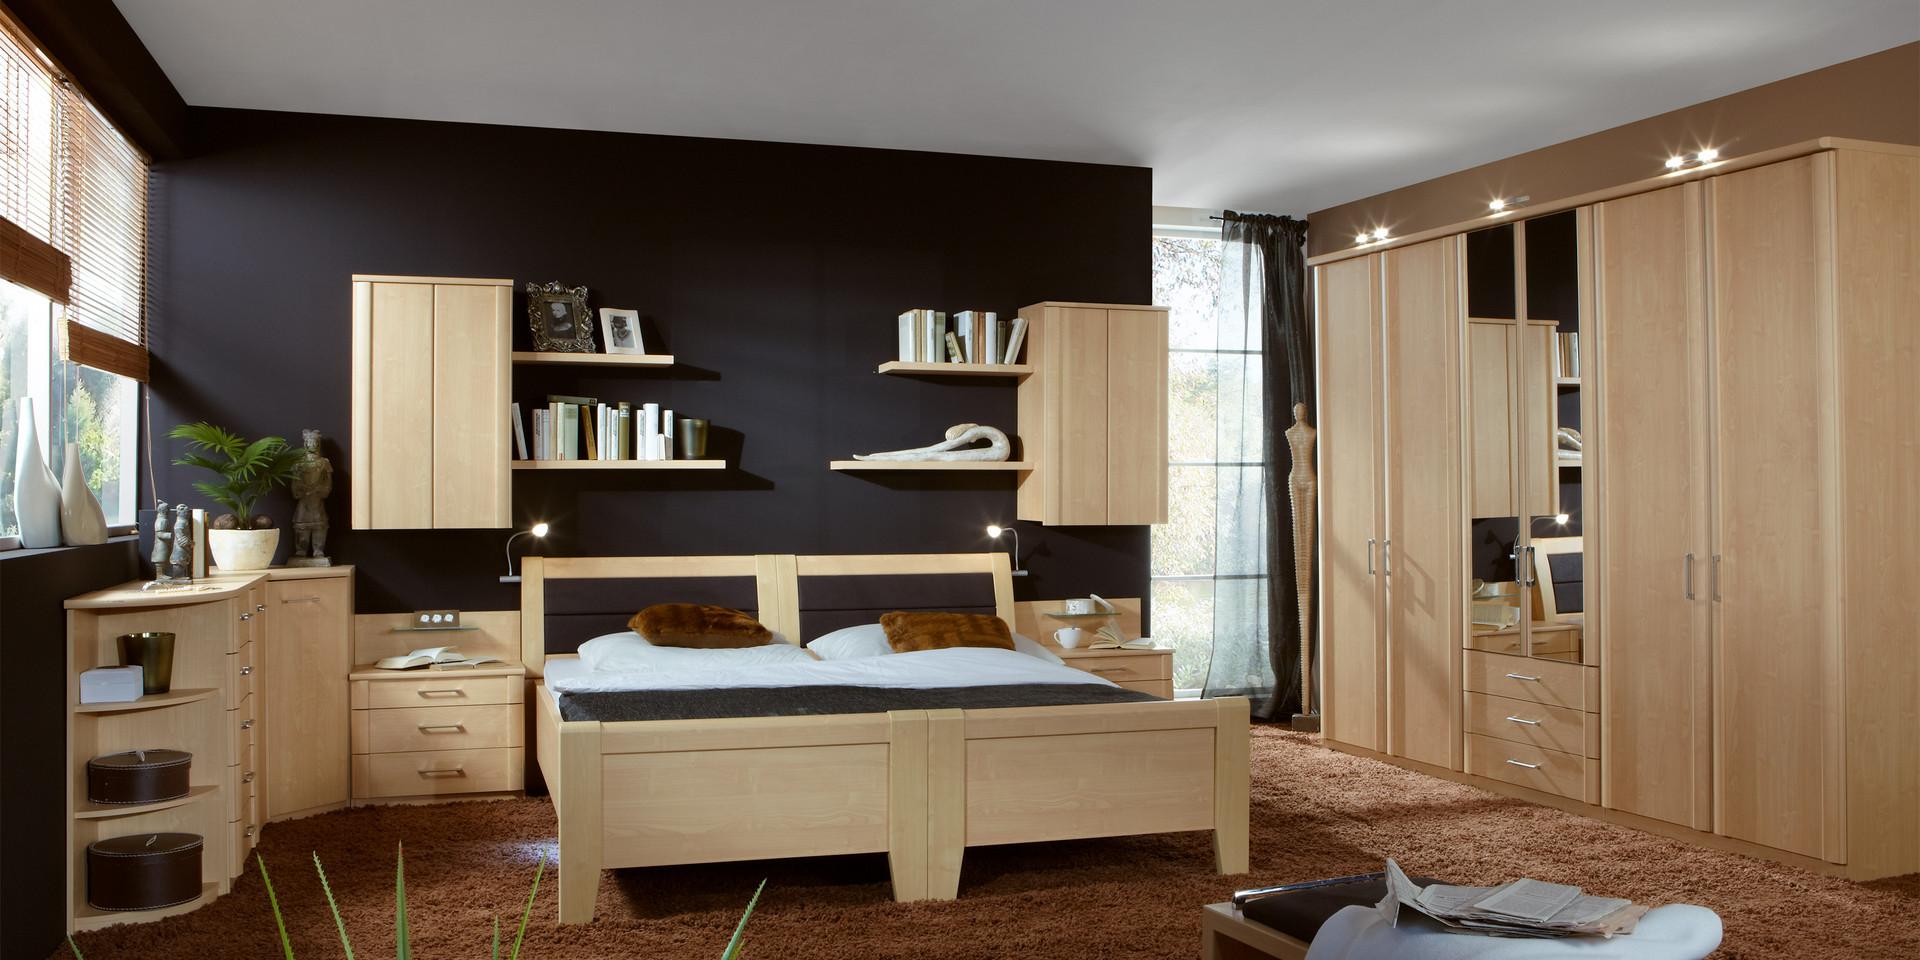 Full Size of überbau Schlafzimmer Modern Erleben Sie Das Luxor 3 4 Mbelhersteller Wiemann Kommoden Tapeten Deckenlampe Küche Weiss Komplett Massivholz Weißes Fototapete Wohnzimmer überbau Schlafzimmer Modern